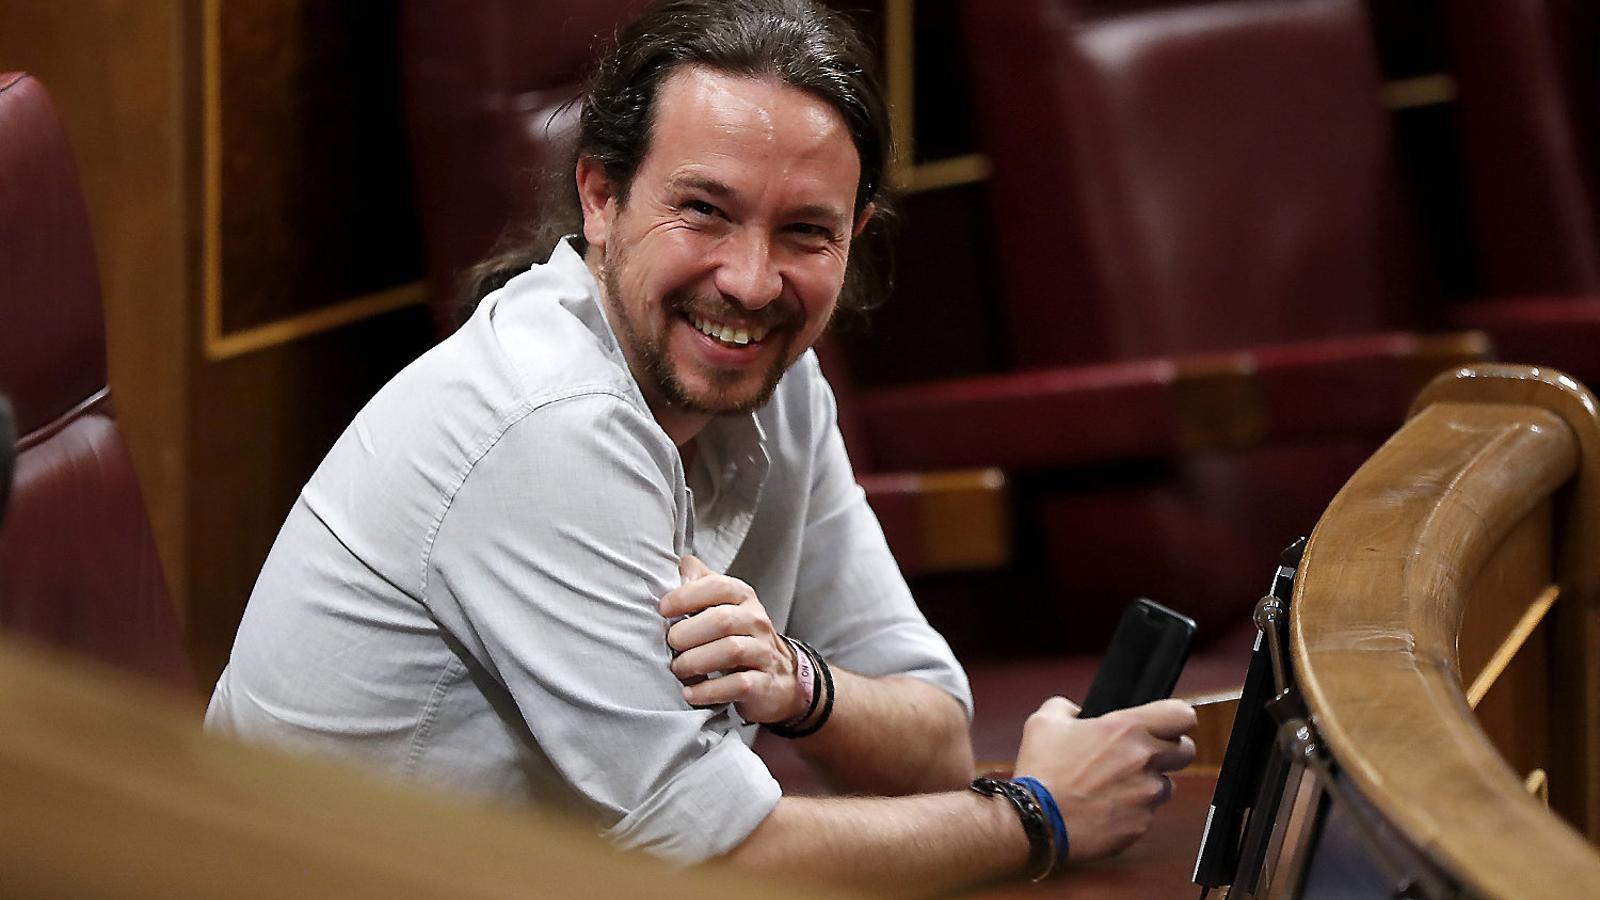 La moció de censura de Podem es debatrà el 13 de juny, tres dies abans del congrés federal del PSOE